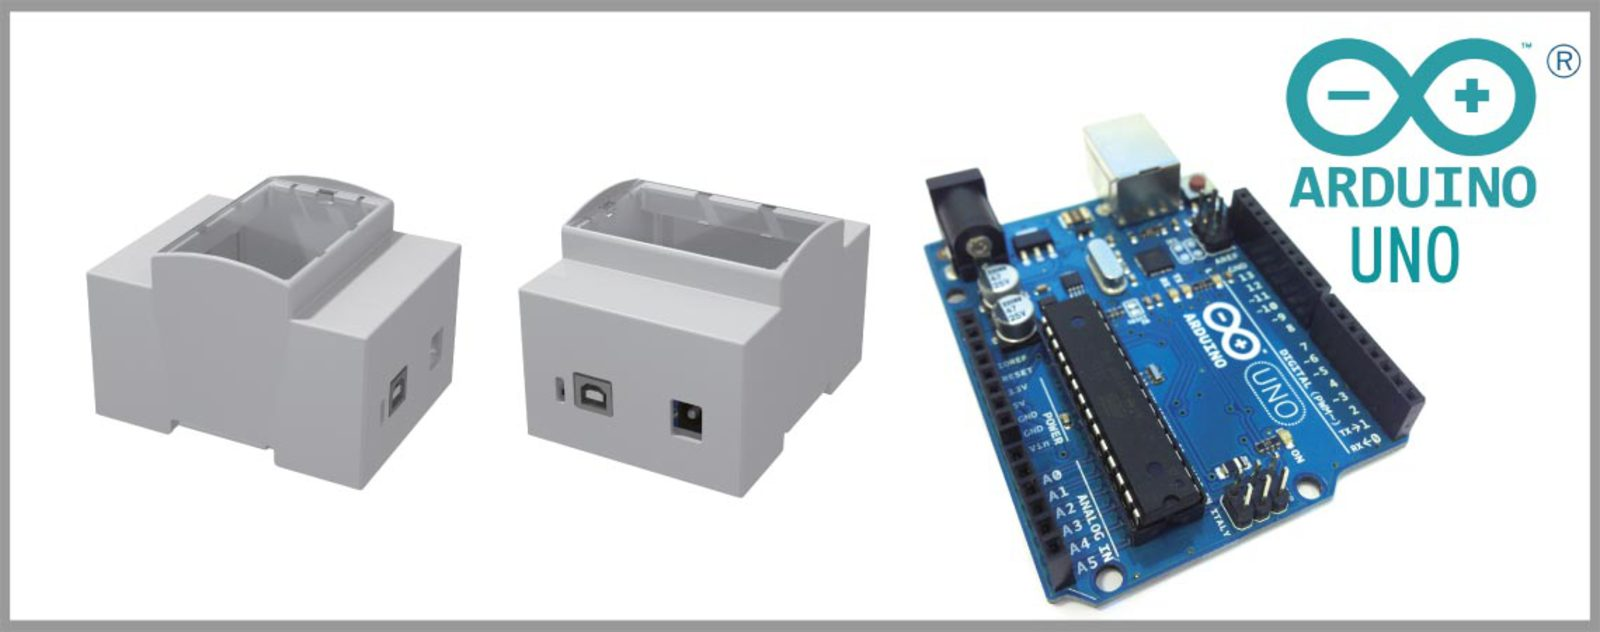 Nuovi contenitori per embedded boards italtronic